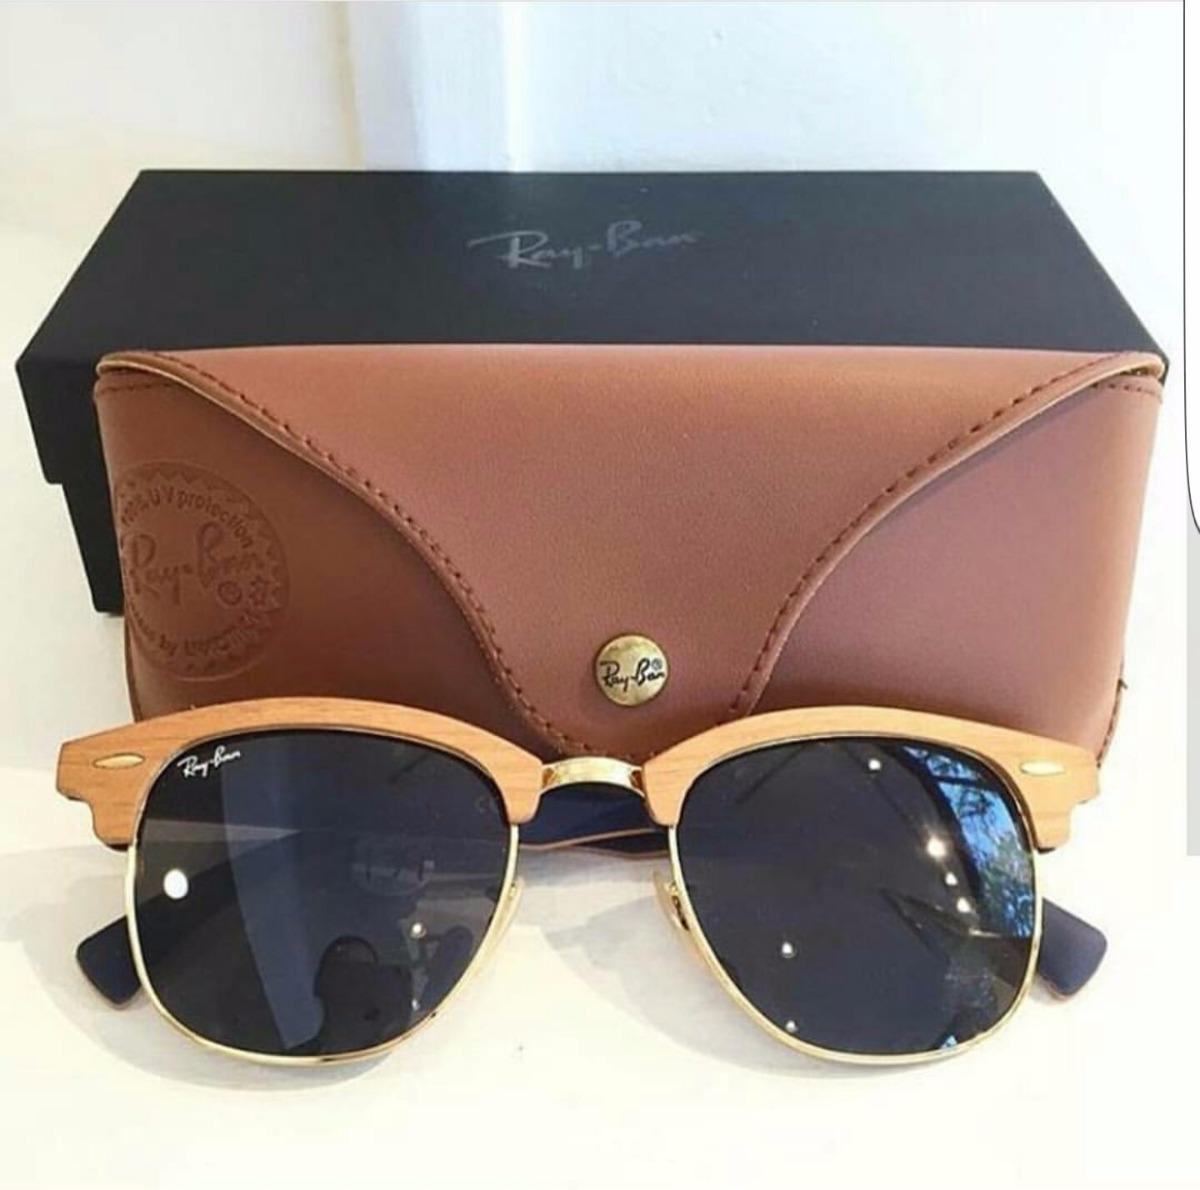 e6a5023513afb ... free shipping óculos ray ban clubmaster wood madeira preto 3016 m  original. carregando zoom.